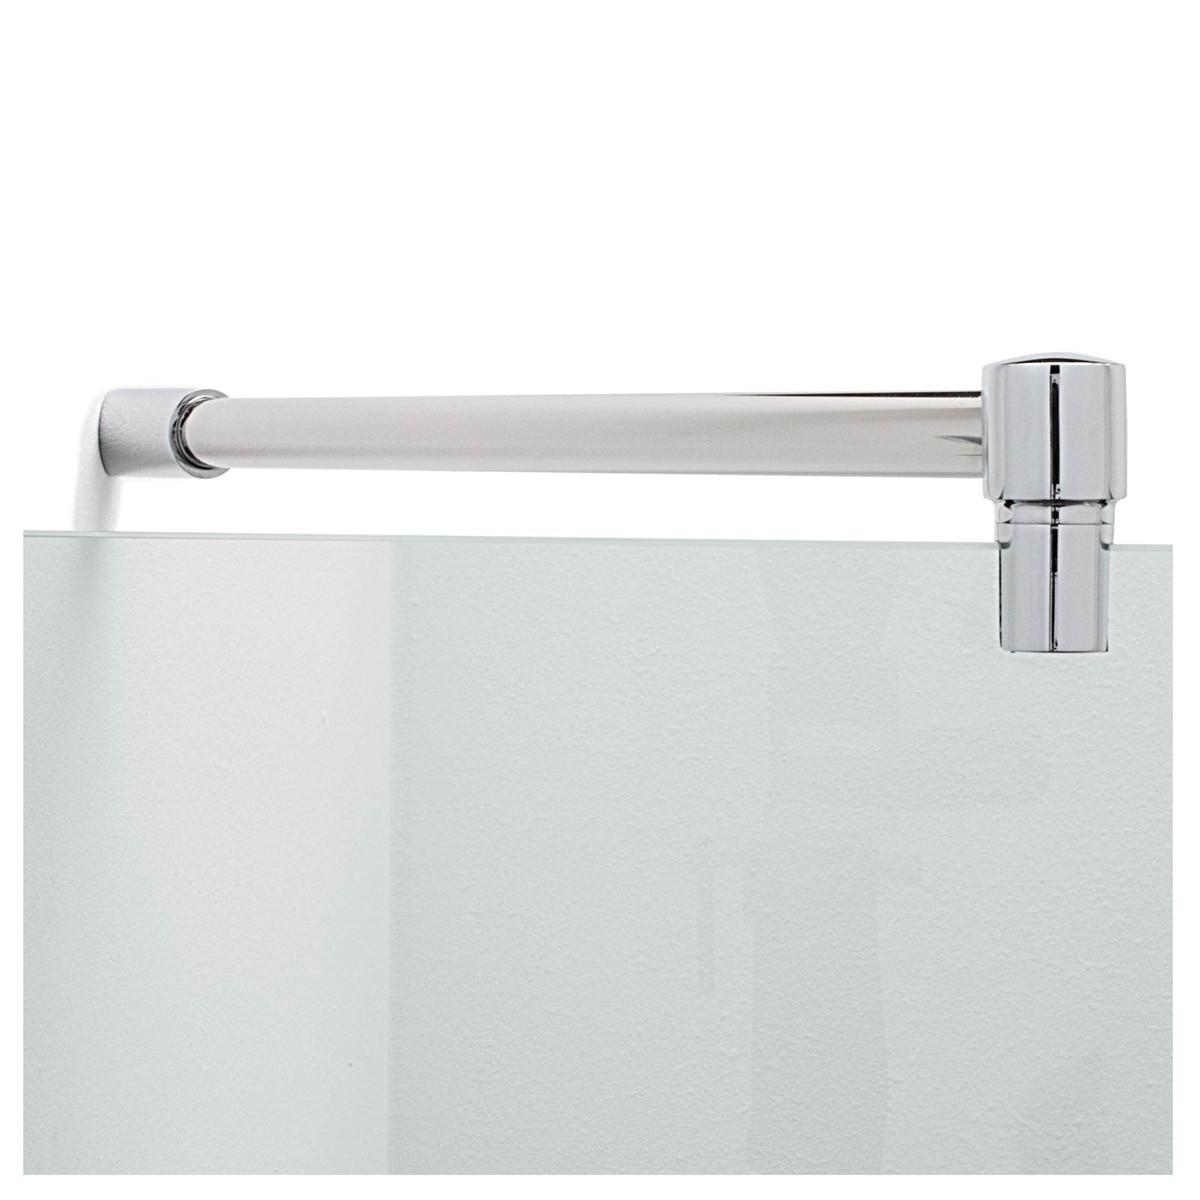 Fixum Stabilisationsstange Haltestange (Diagonal 45°) für Duschen Glas-Wand, 300/500 x 19mm, Chrom